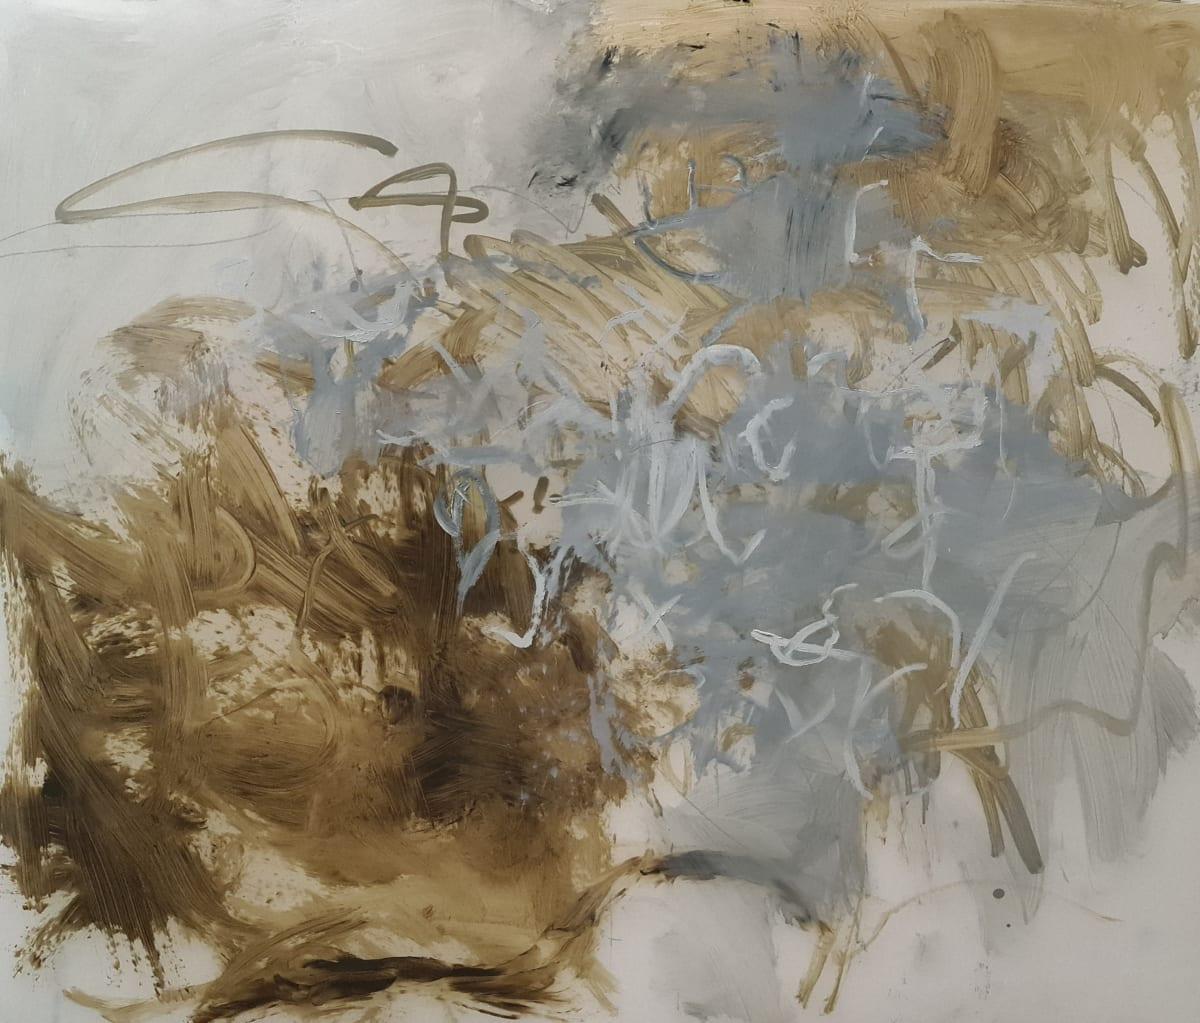 To dust / Last Journey by Richard Ketley